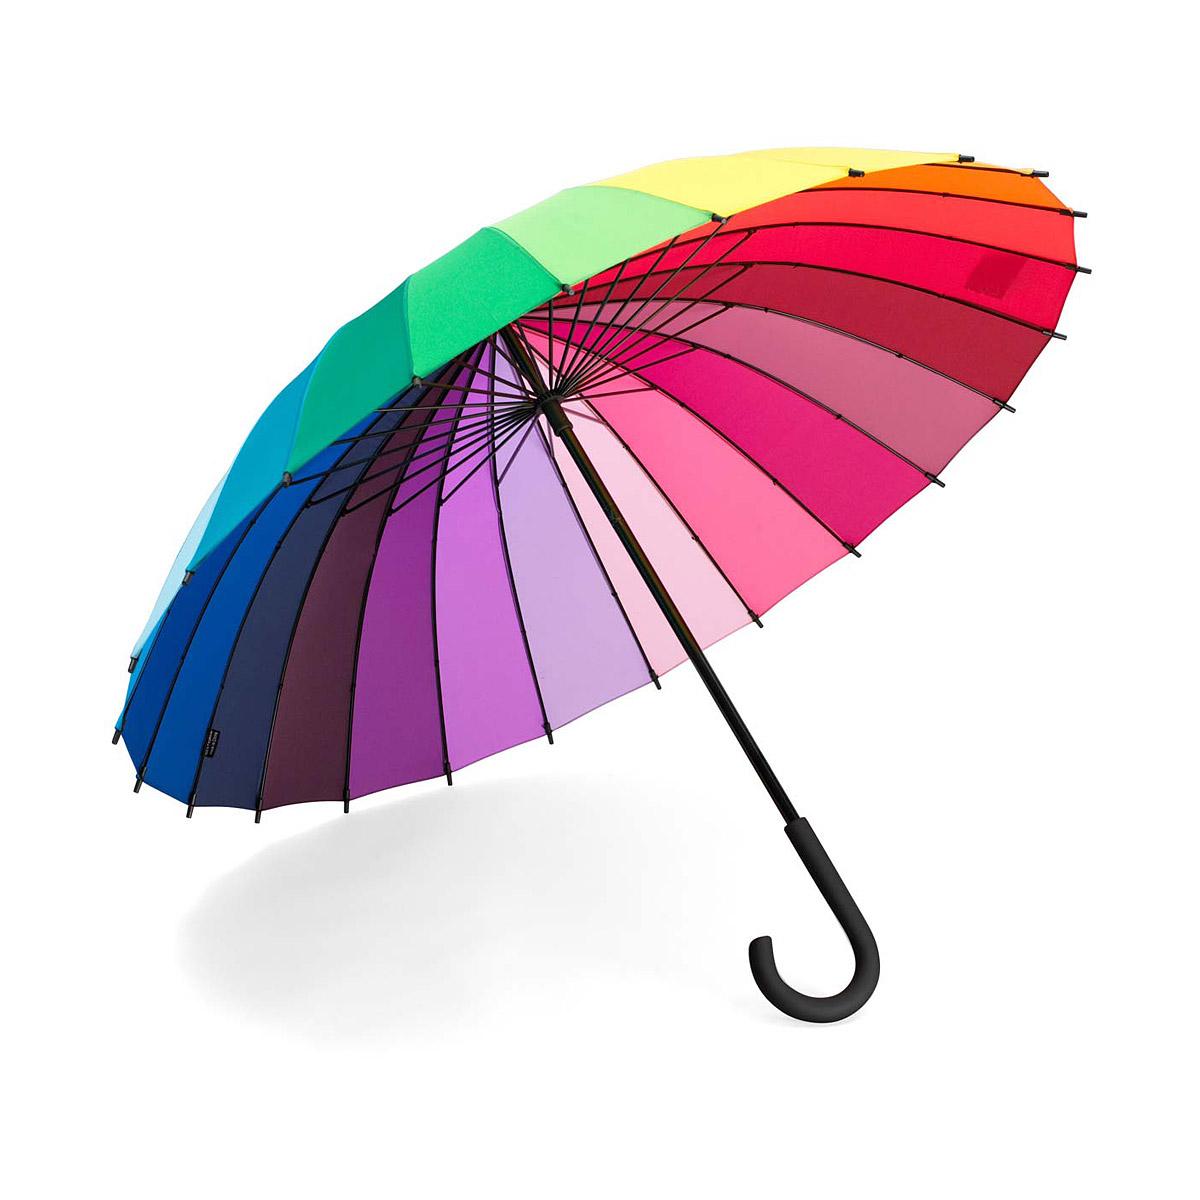 Umbrella Backgrounds, Compatible - PC, Mobile, Gadgets| 1200x1200 px